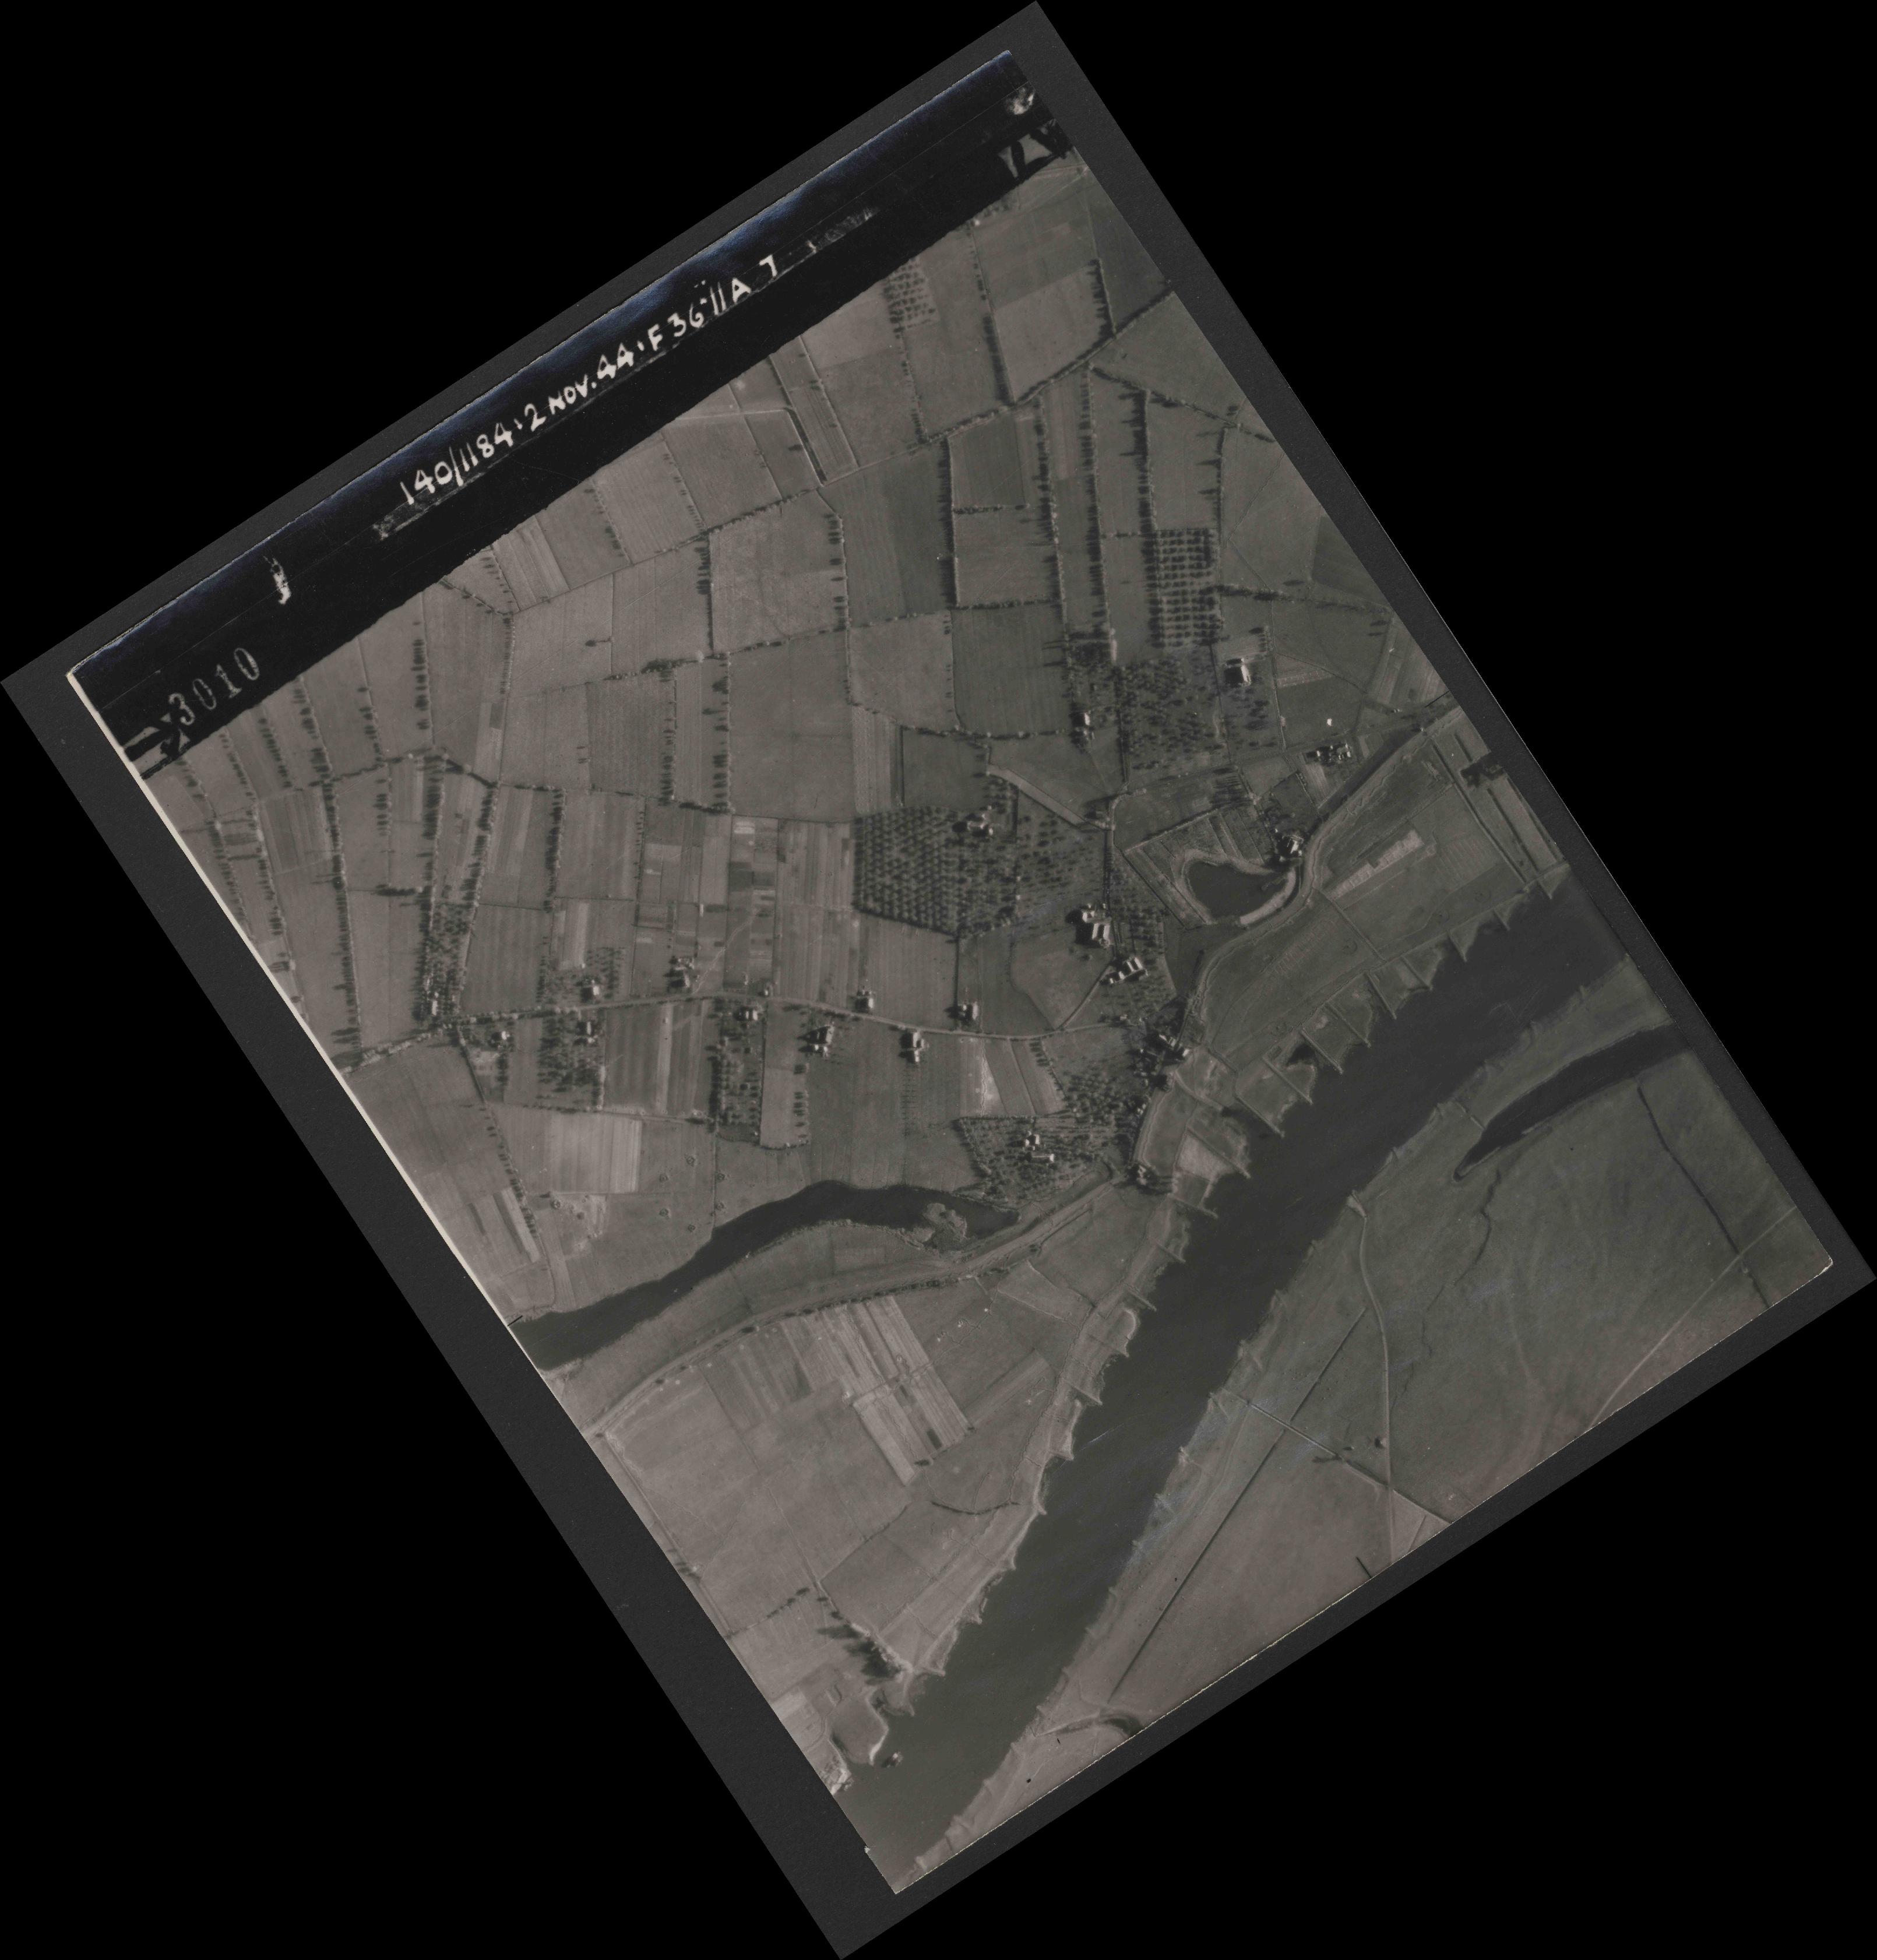 Collection RAF aerial photos 1940-1945 - flight 228, run 11, photo 3010